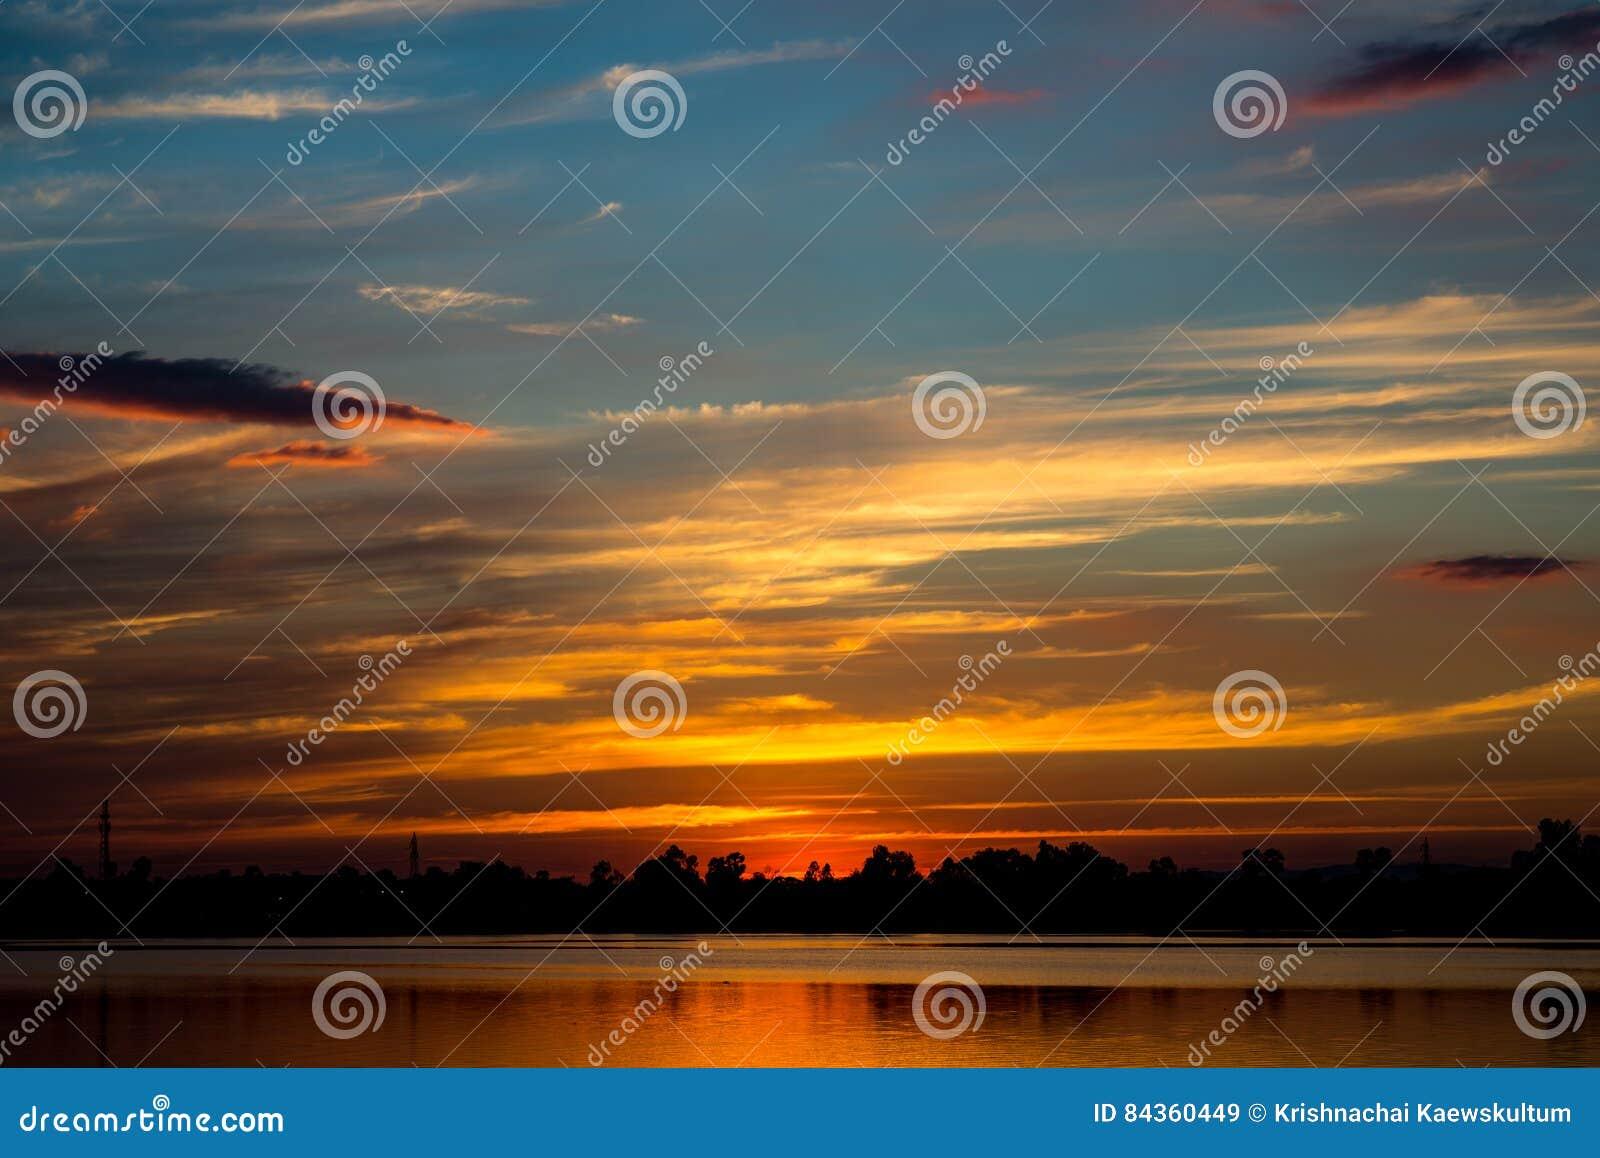 Zadziwiający złoty zmierzchu niebo z odbiciem na spokojnym jeziorze